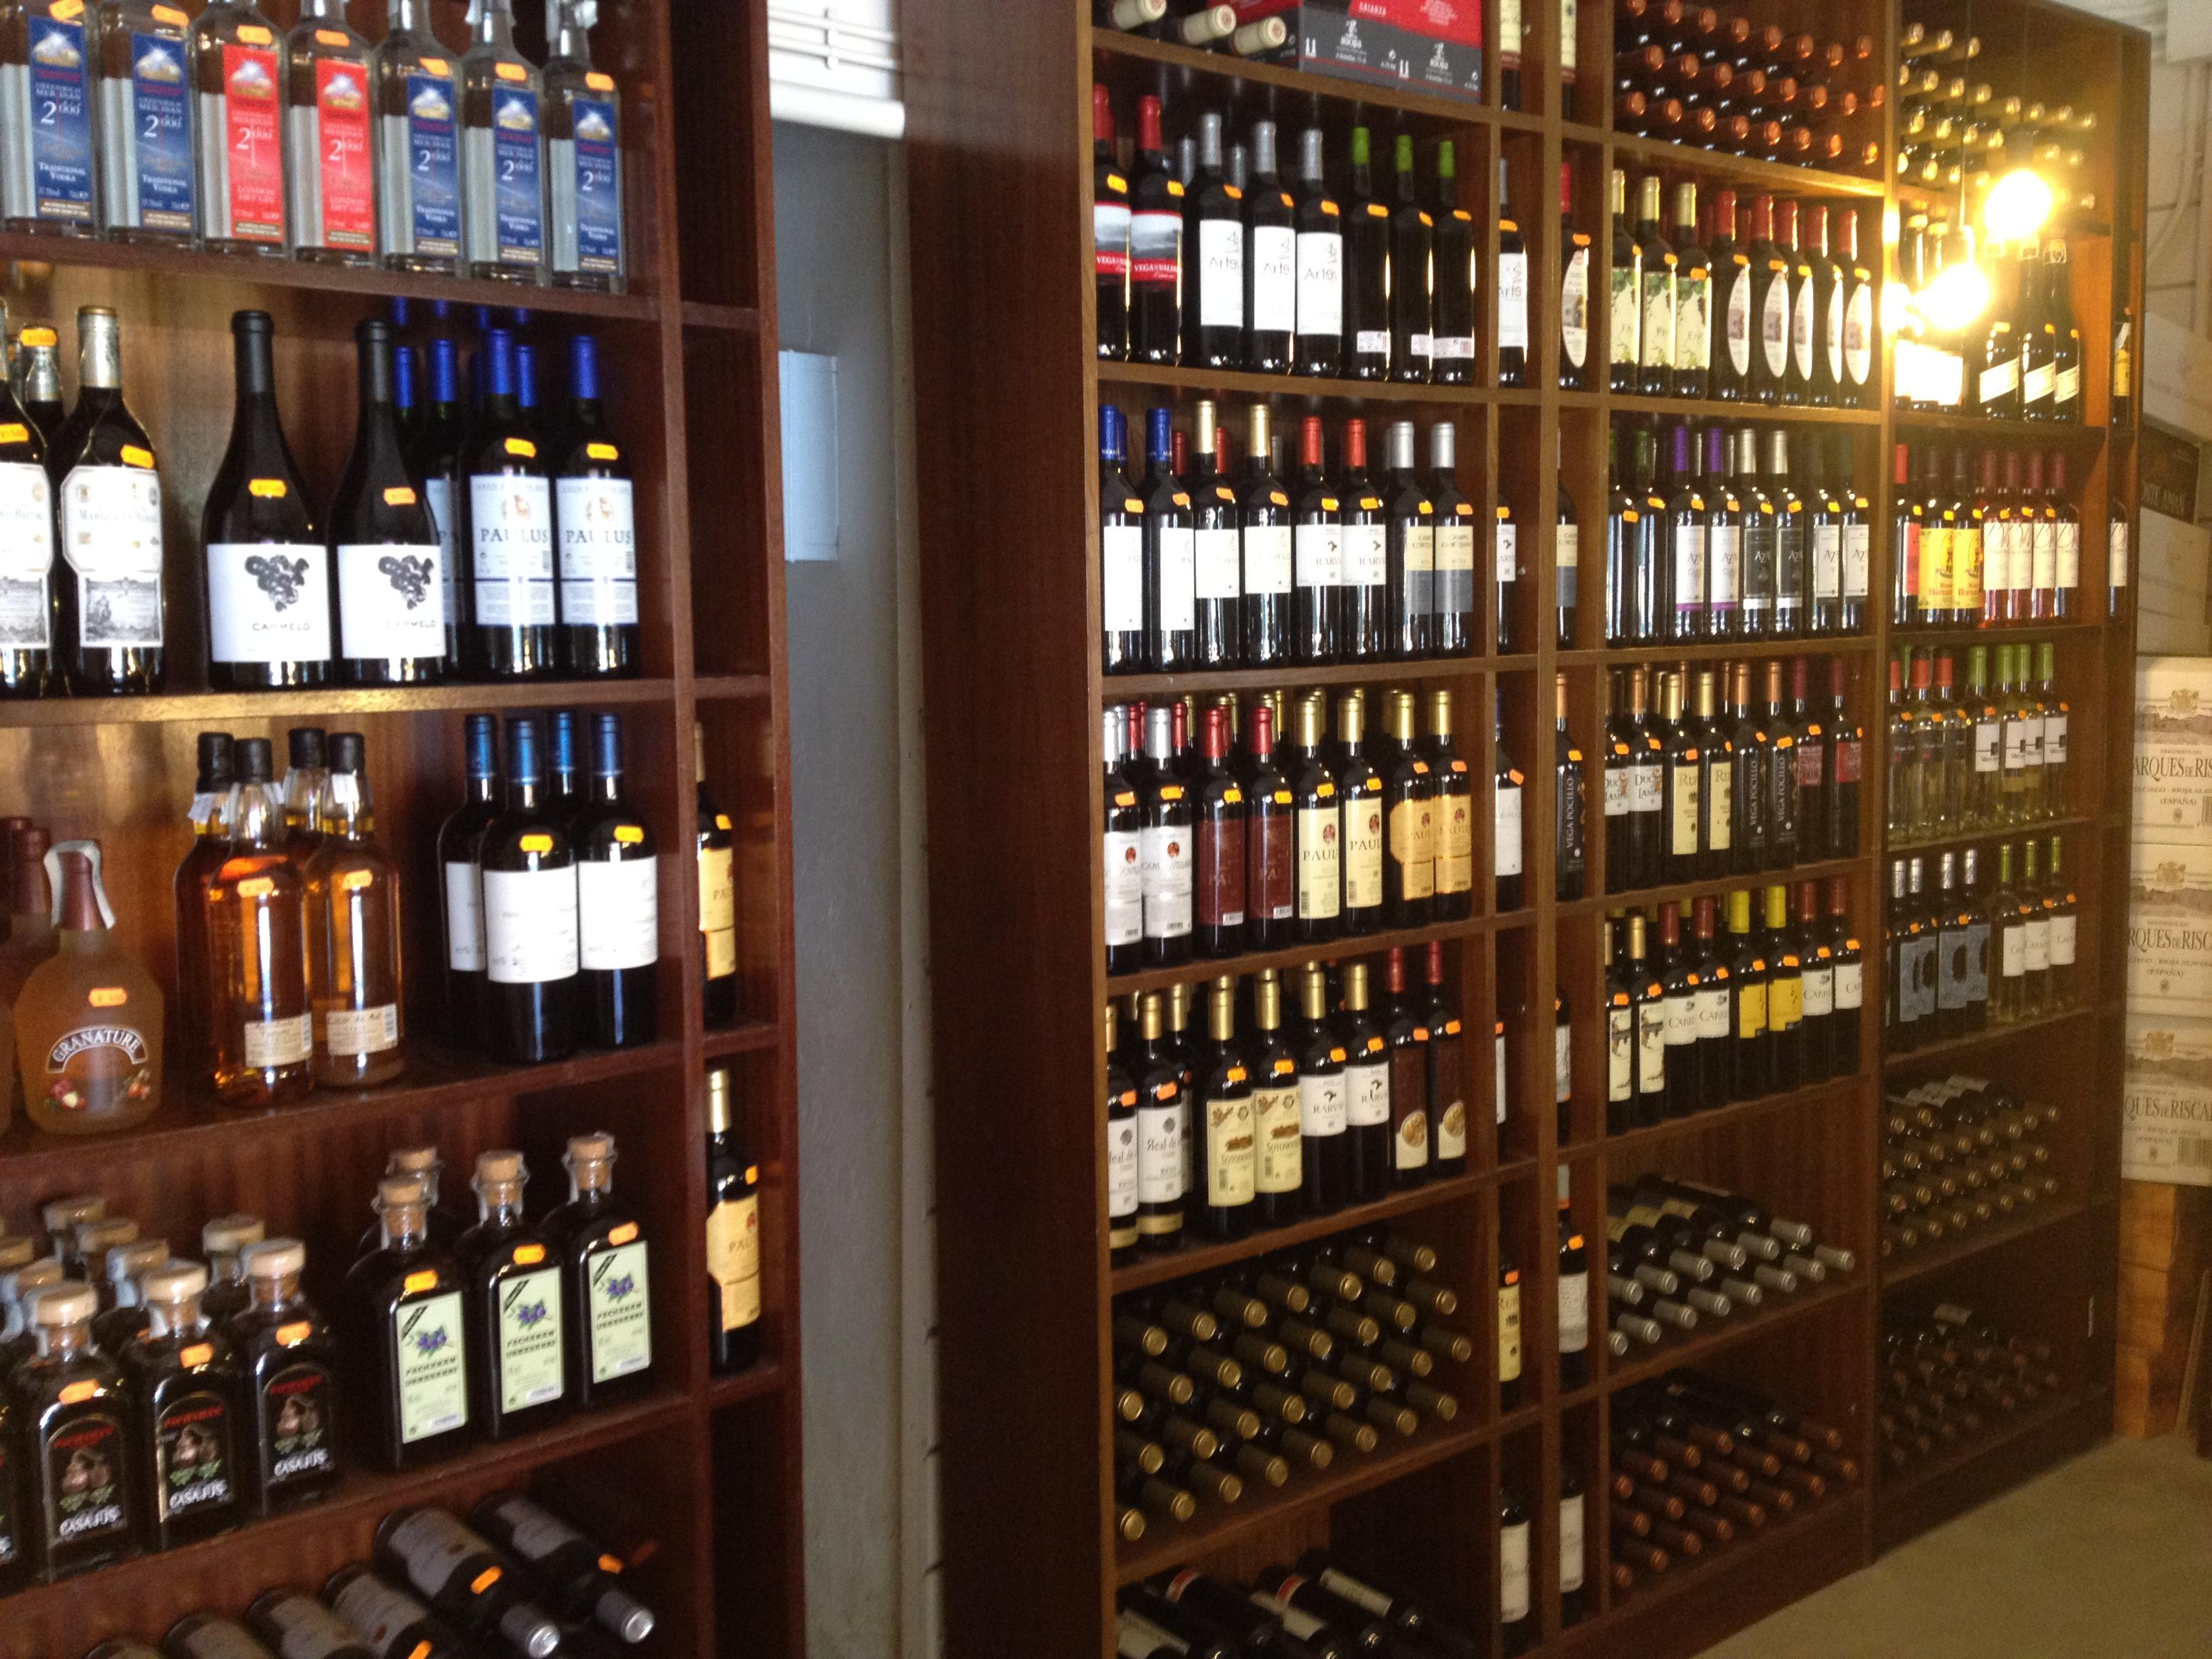 Beber el sibarita accidental - Estanterias de vino ...